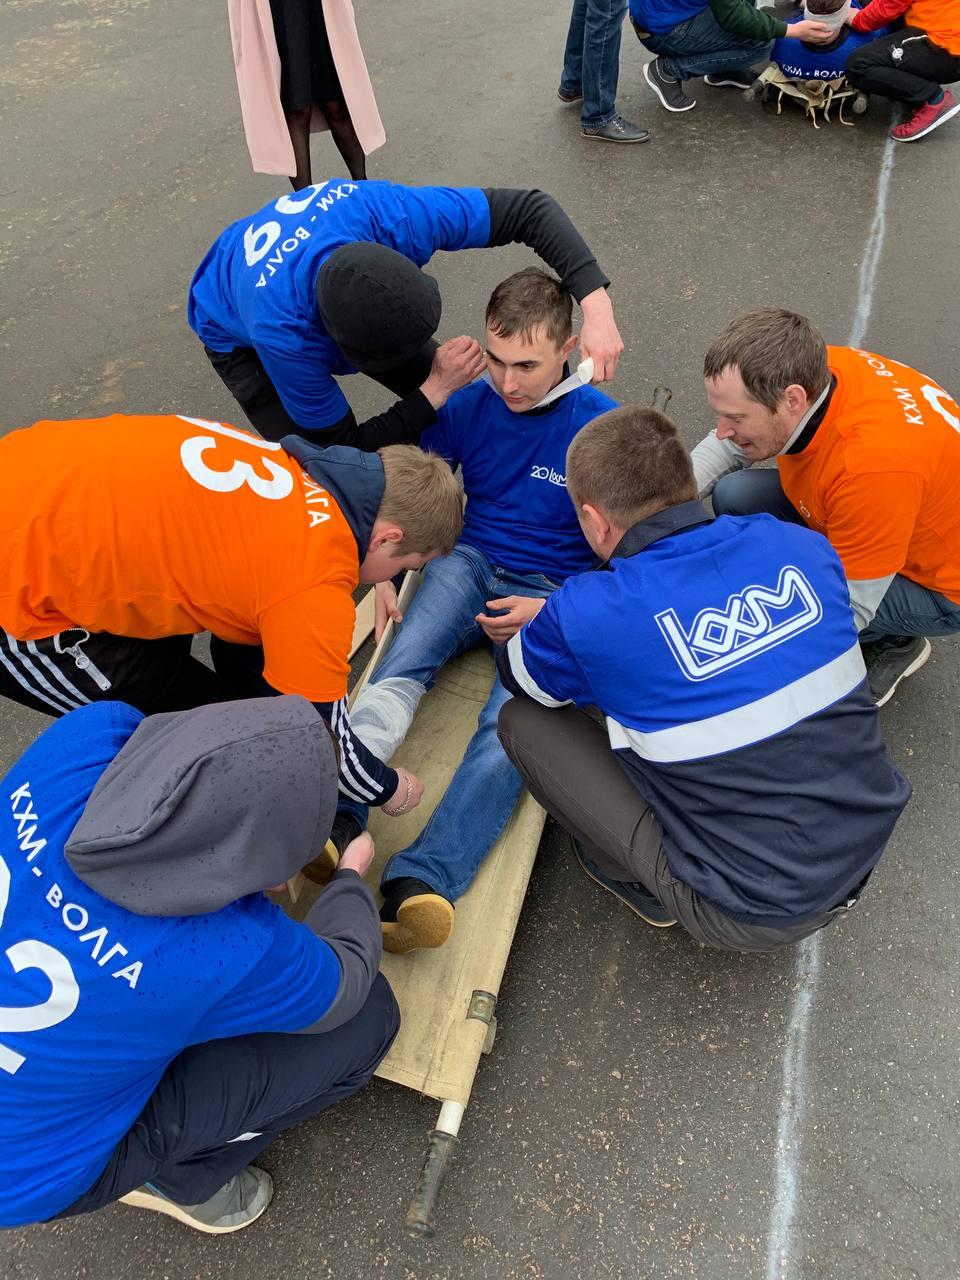 На крупных российских предприятиях отмечают день безопасности труда